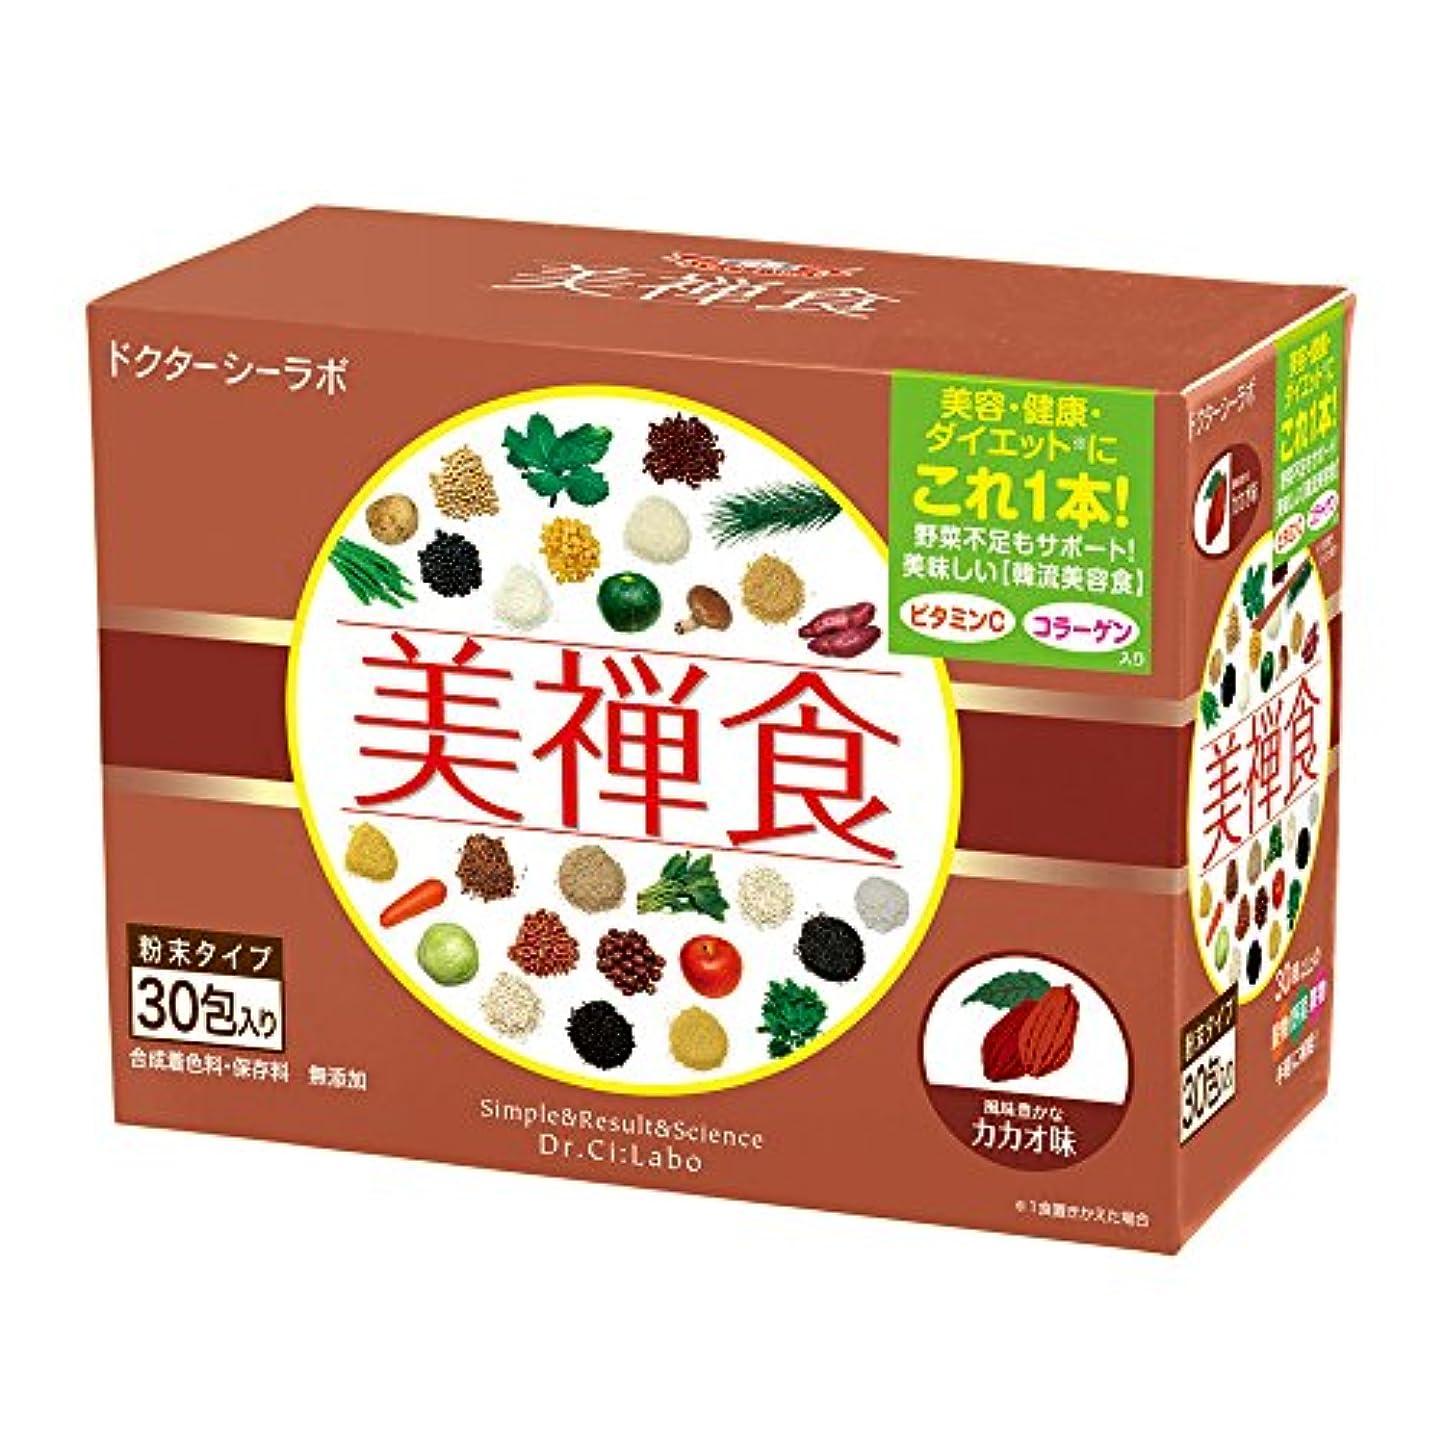 ピアニストとまり木方程式ドクターシーラボ 美禅食 カカオ味 462g(15.4g×30包) ダイエットシェイク